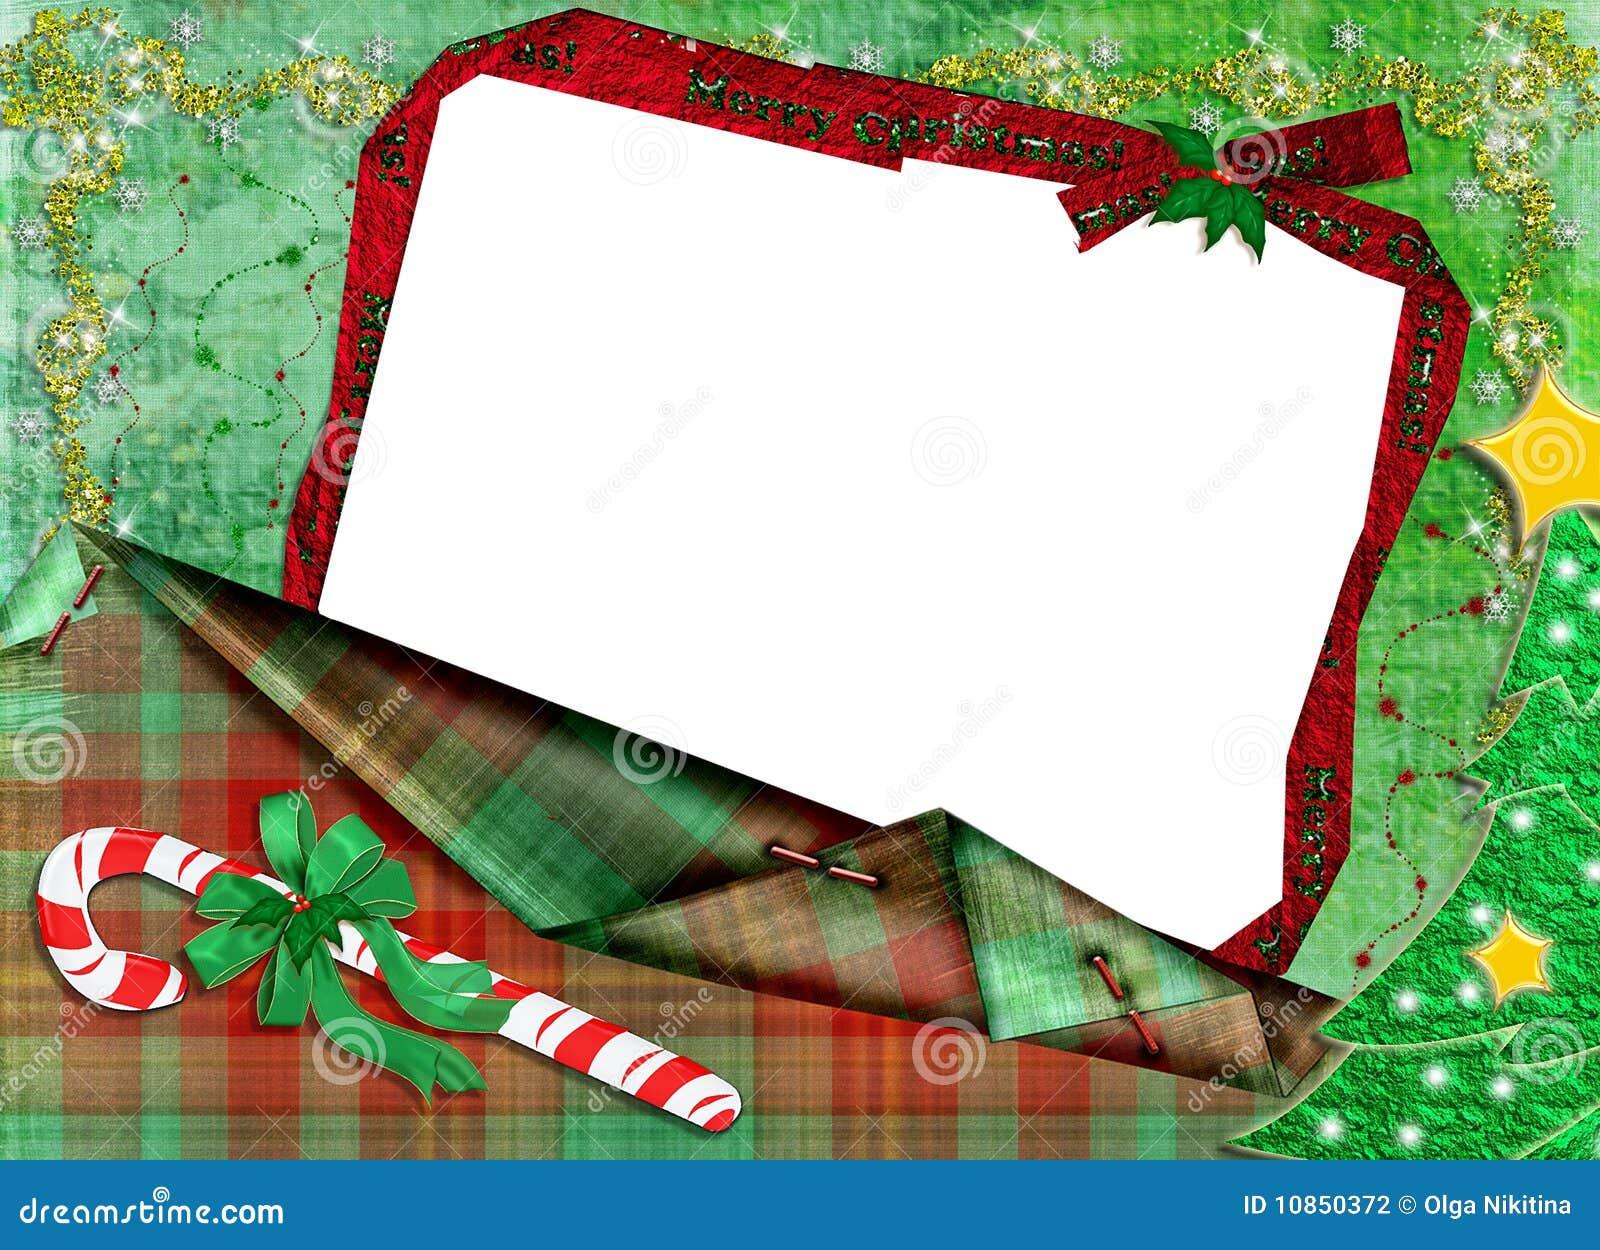 rahmen f r ein foto f r weihnachten stockfotografie. Black Bedroom Furniture Sets. Home Design Ideas